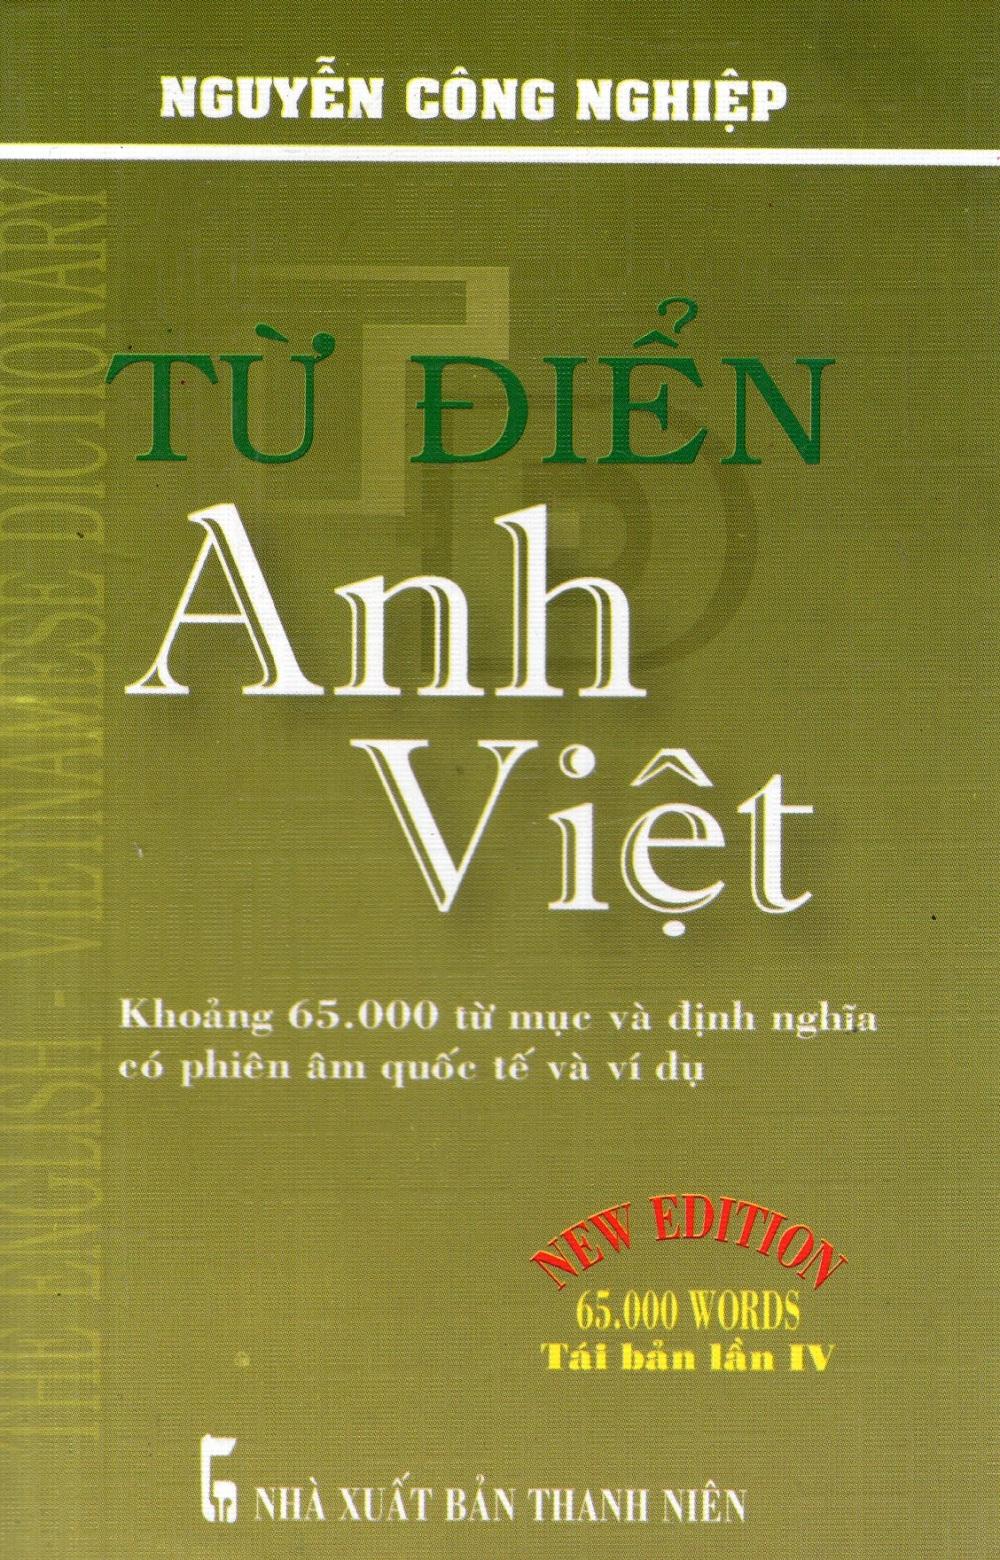 Từ Điển Anh - Việt (Khoảng 65.000 Từ) - Sách Bỏ Túi - 8935080934872,62_262024,62000,tiki.vn,Tu-Dien-Anh-Viet-Khoang-65.000-Tu-Sach-Bo-Tui-62_262024,Từ Điển Anh - Việt (Khoảng 65.000 Từ) - Sách Bỏ Túi